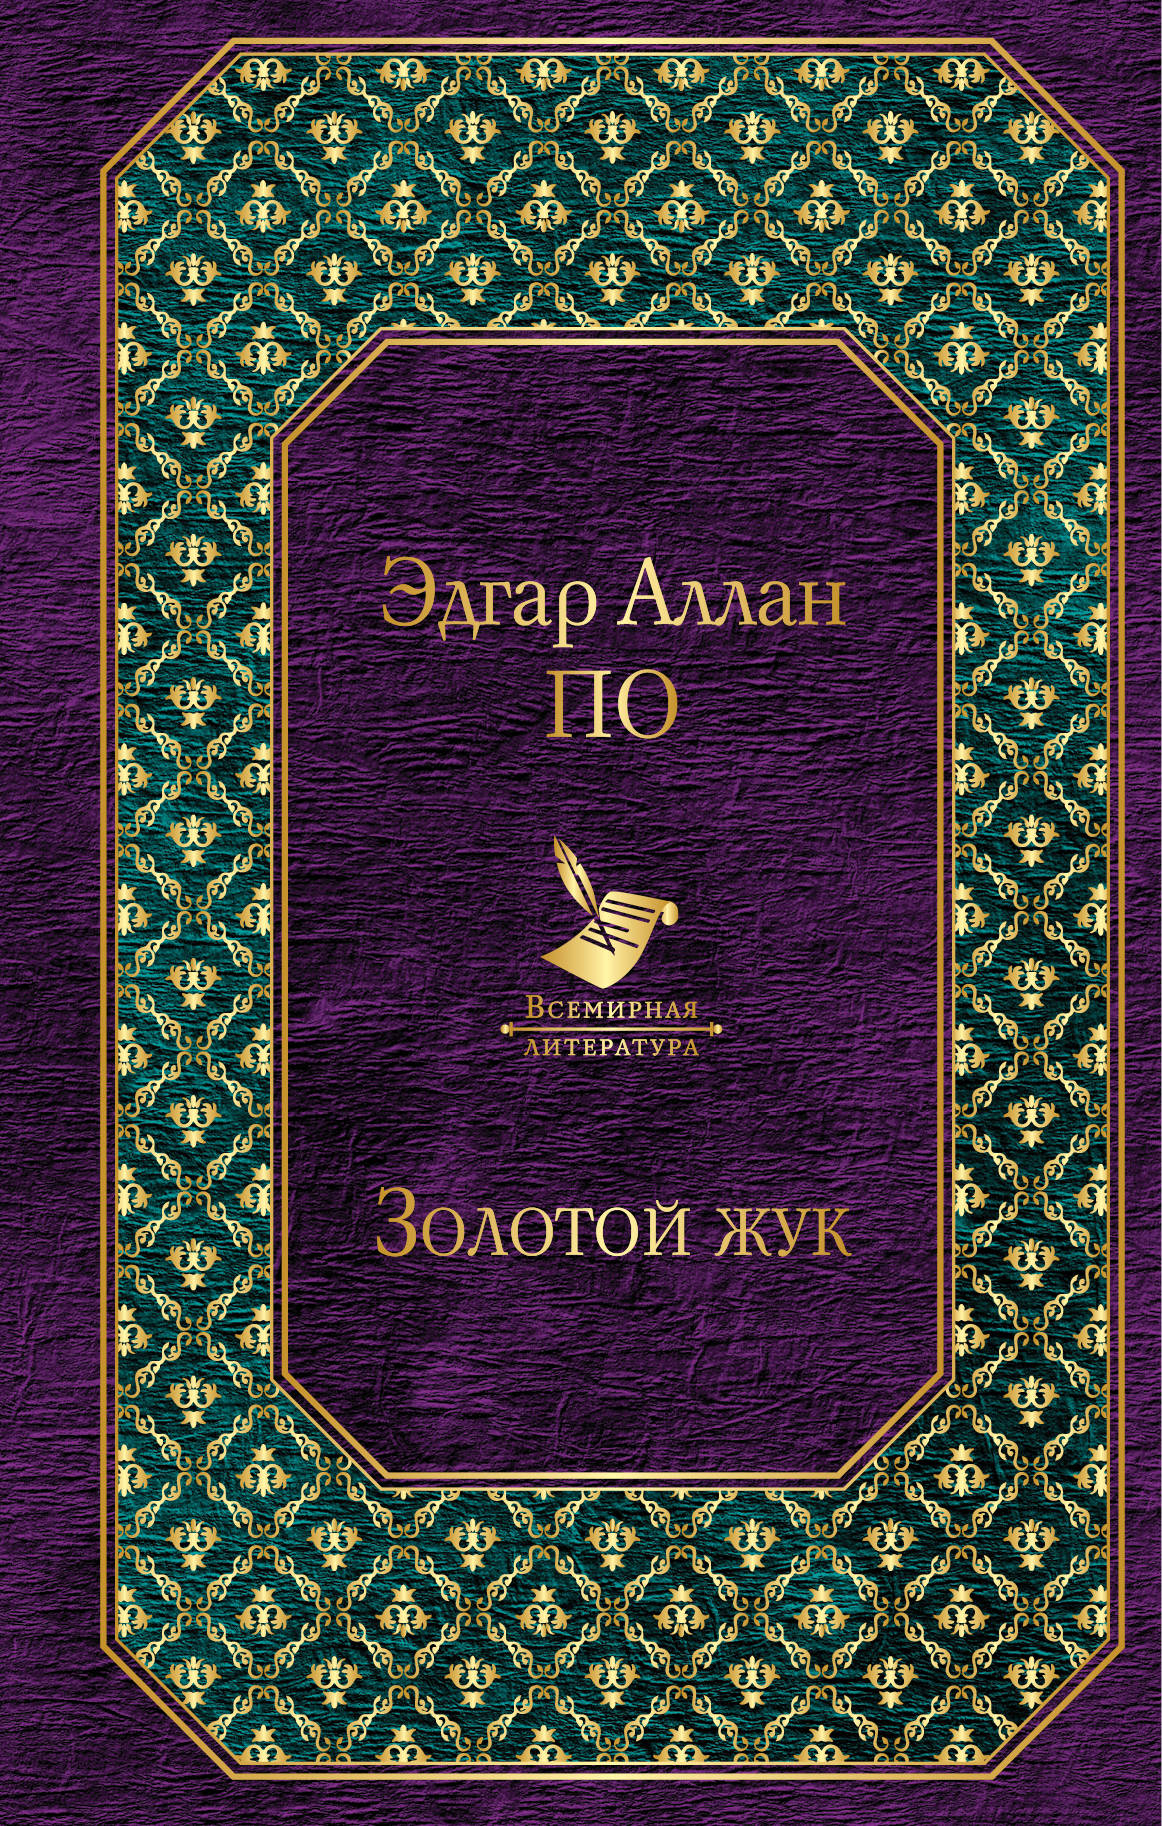 Золотой жук, По Эдгар Аллан